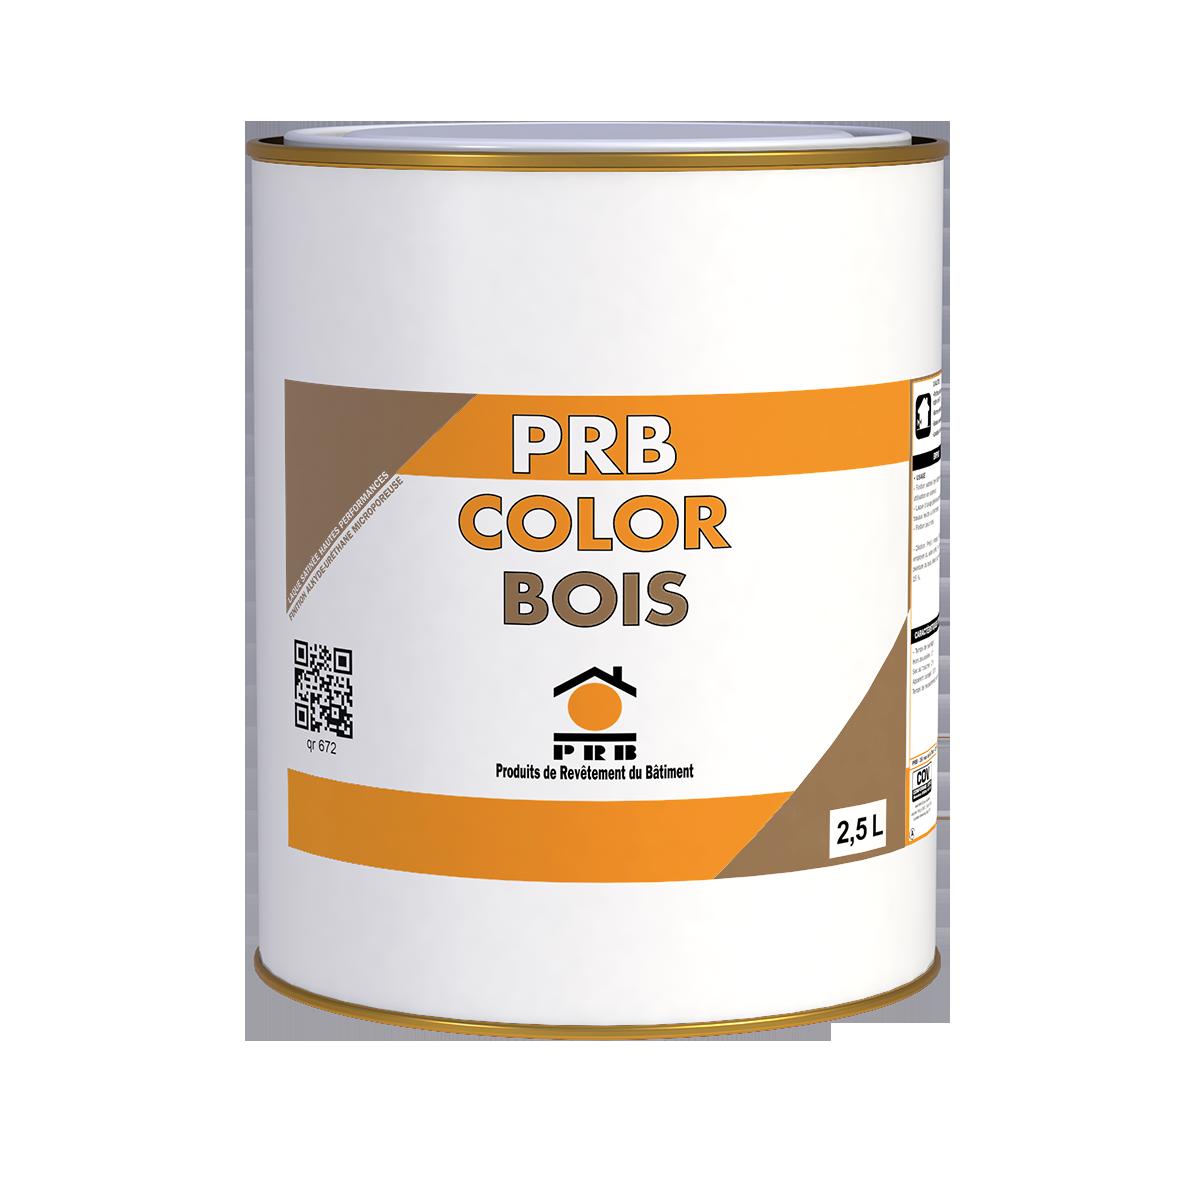 PRB COLOR BOIS 2,5 l